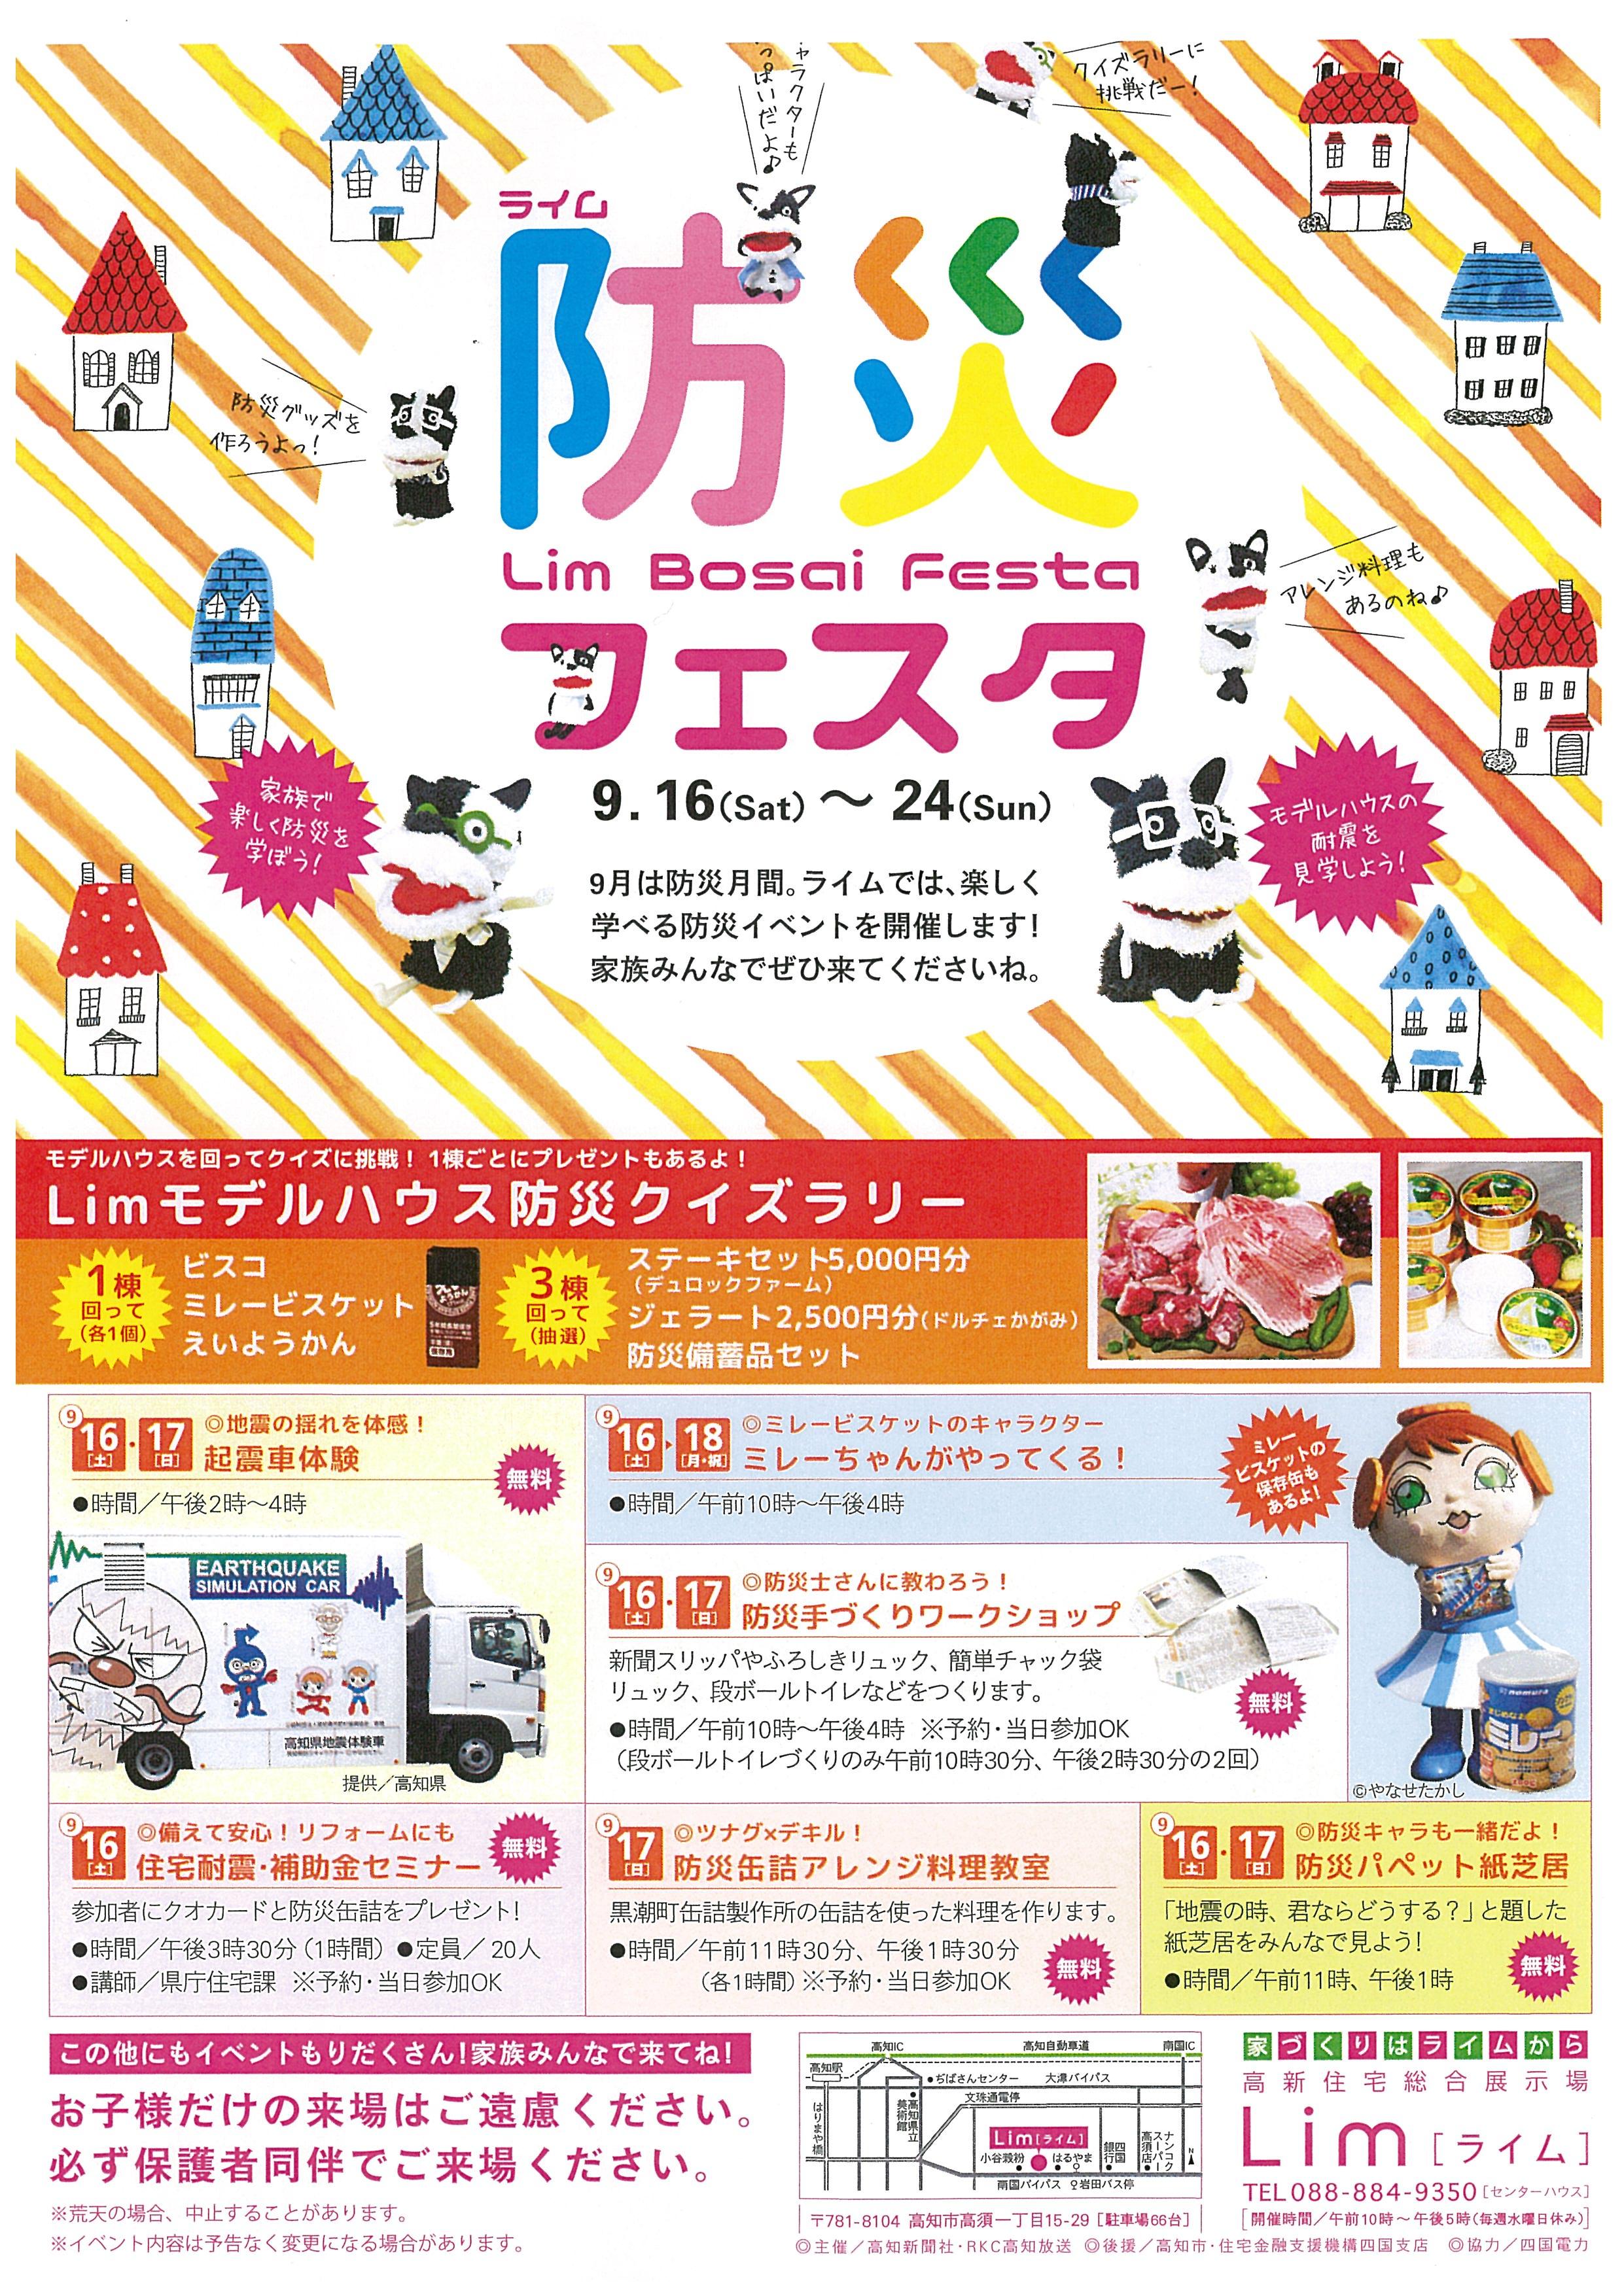 http://shikoku.misawa.co.jp/area_kouchi/%E3%83%A9%E3%82%A4%E3%83%A0%E9%98%B2%E7%81%BD.jpg